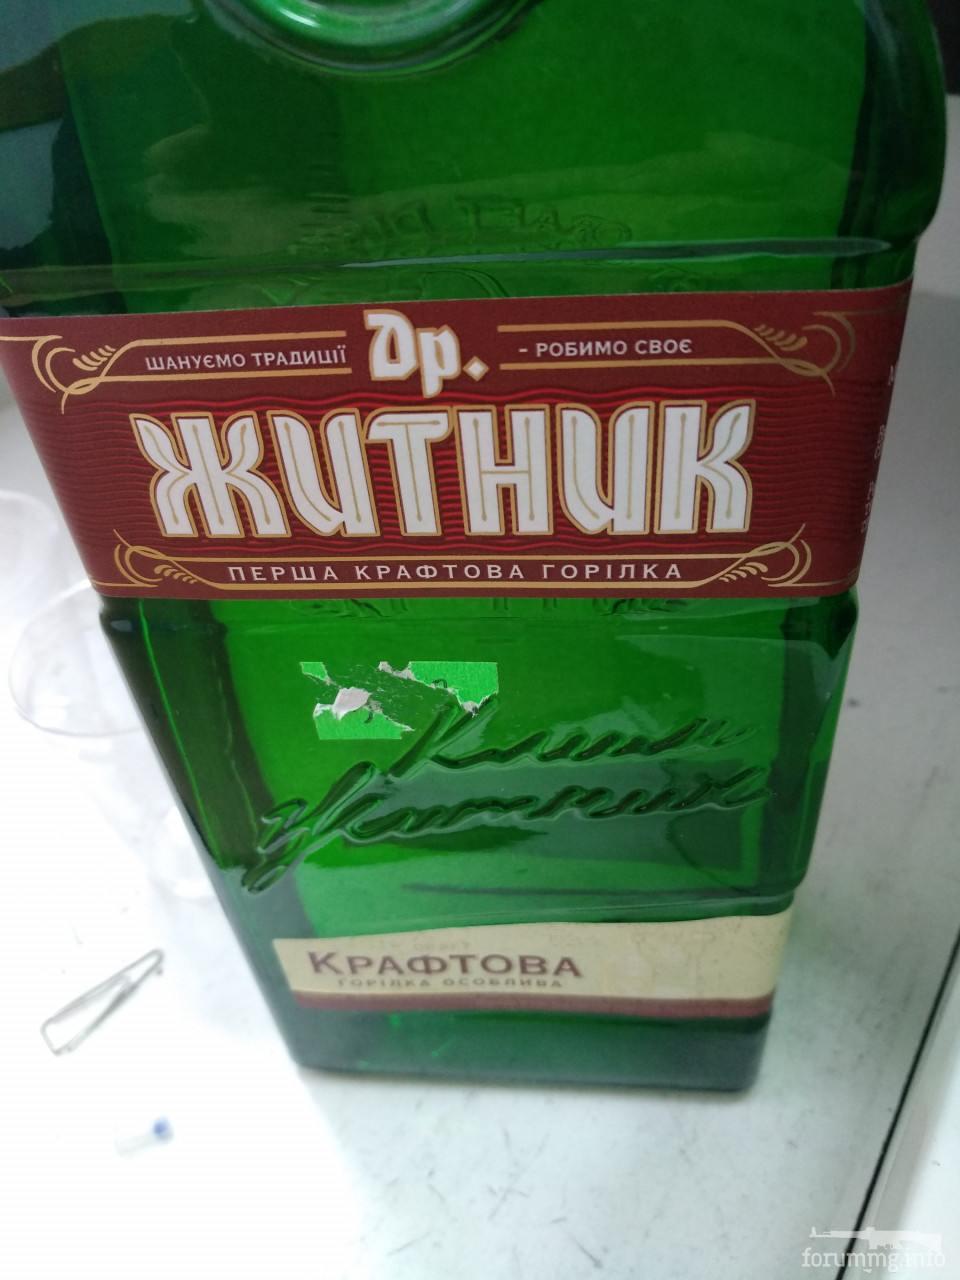 122109 - Пить или не пить? - пятничная алкогольная тема )))